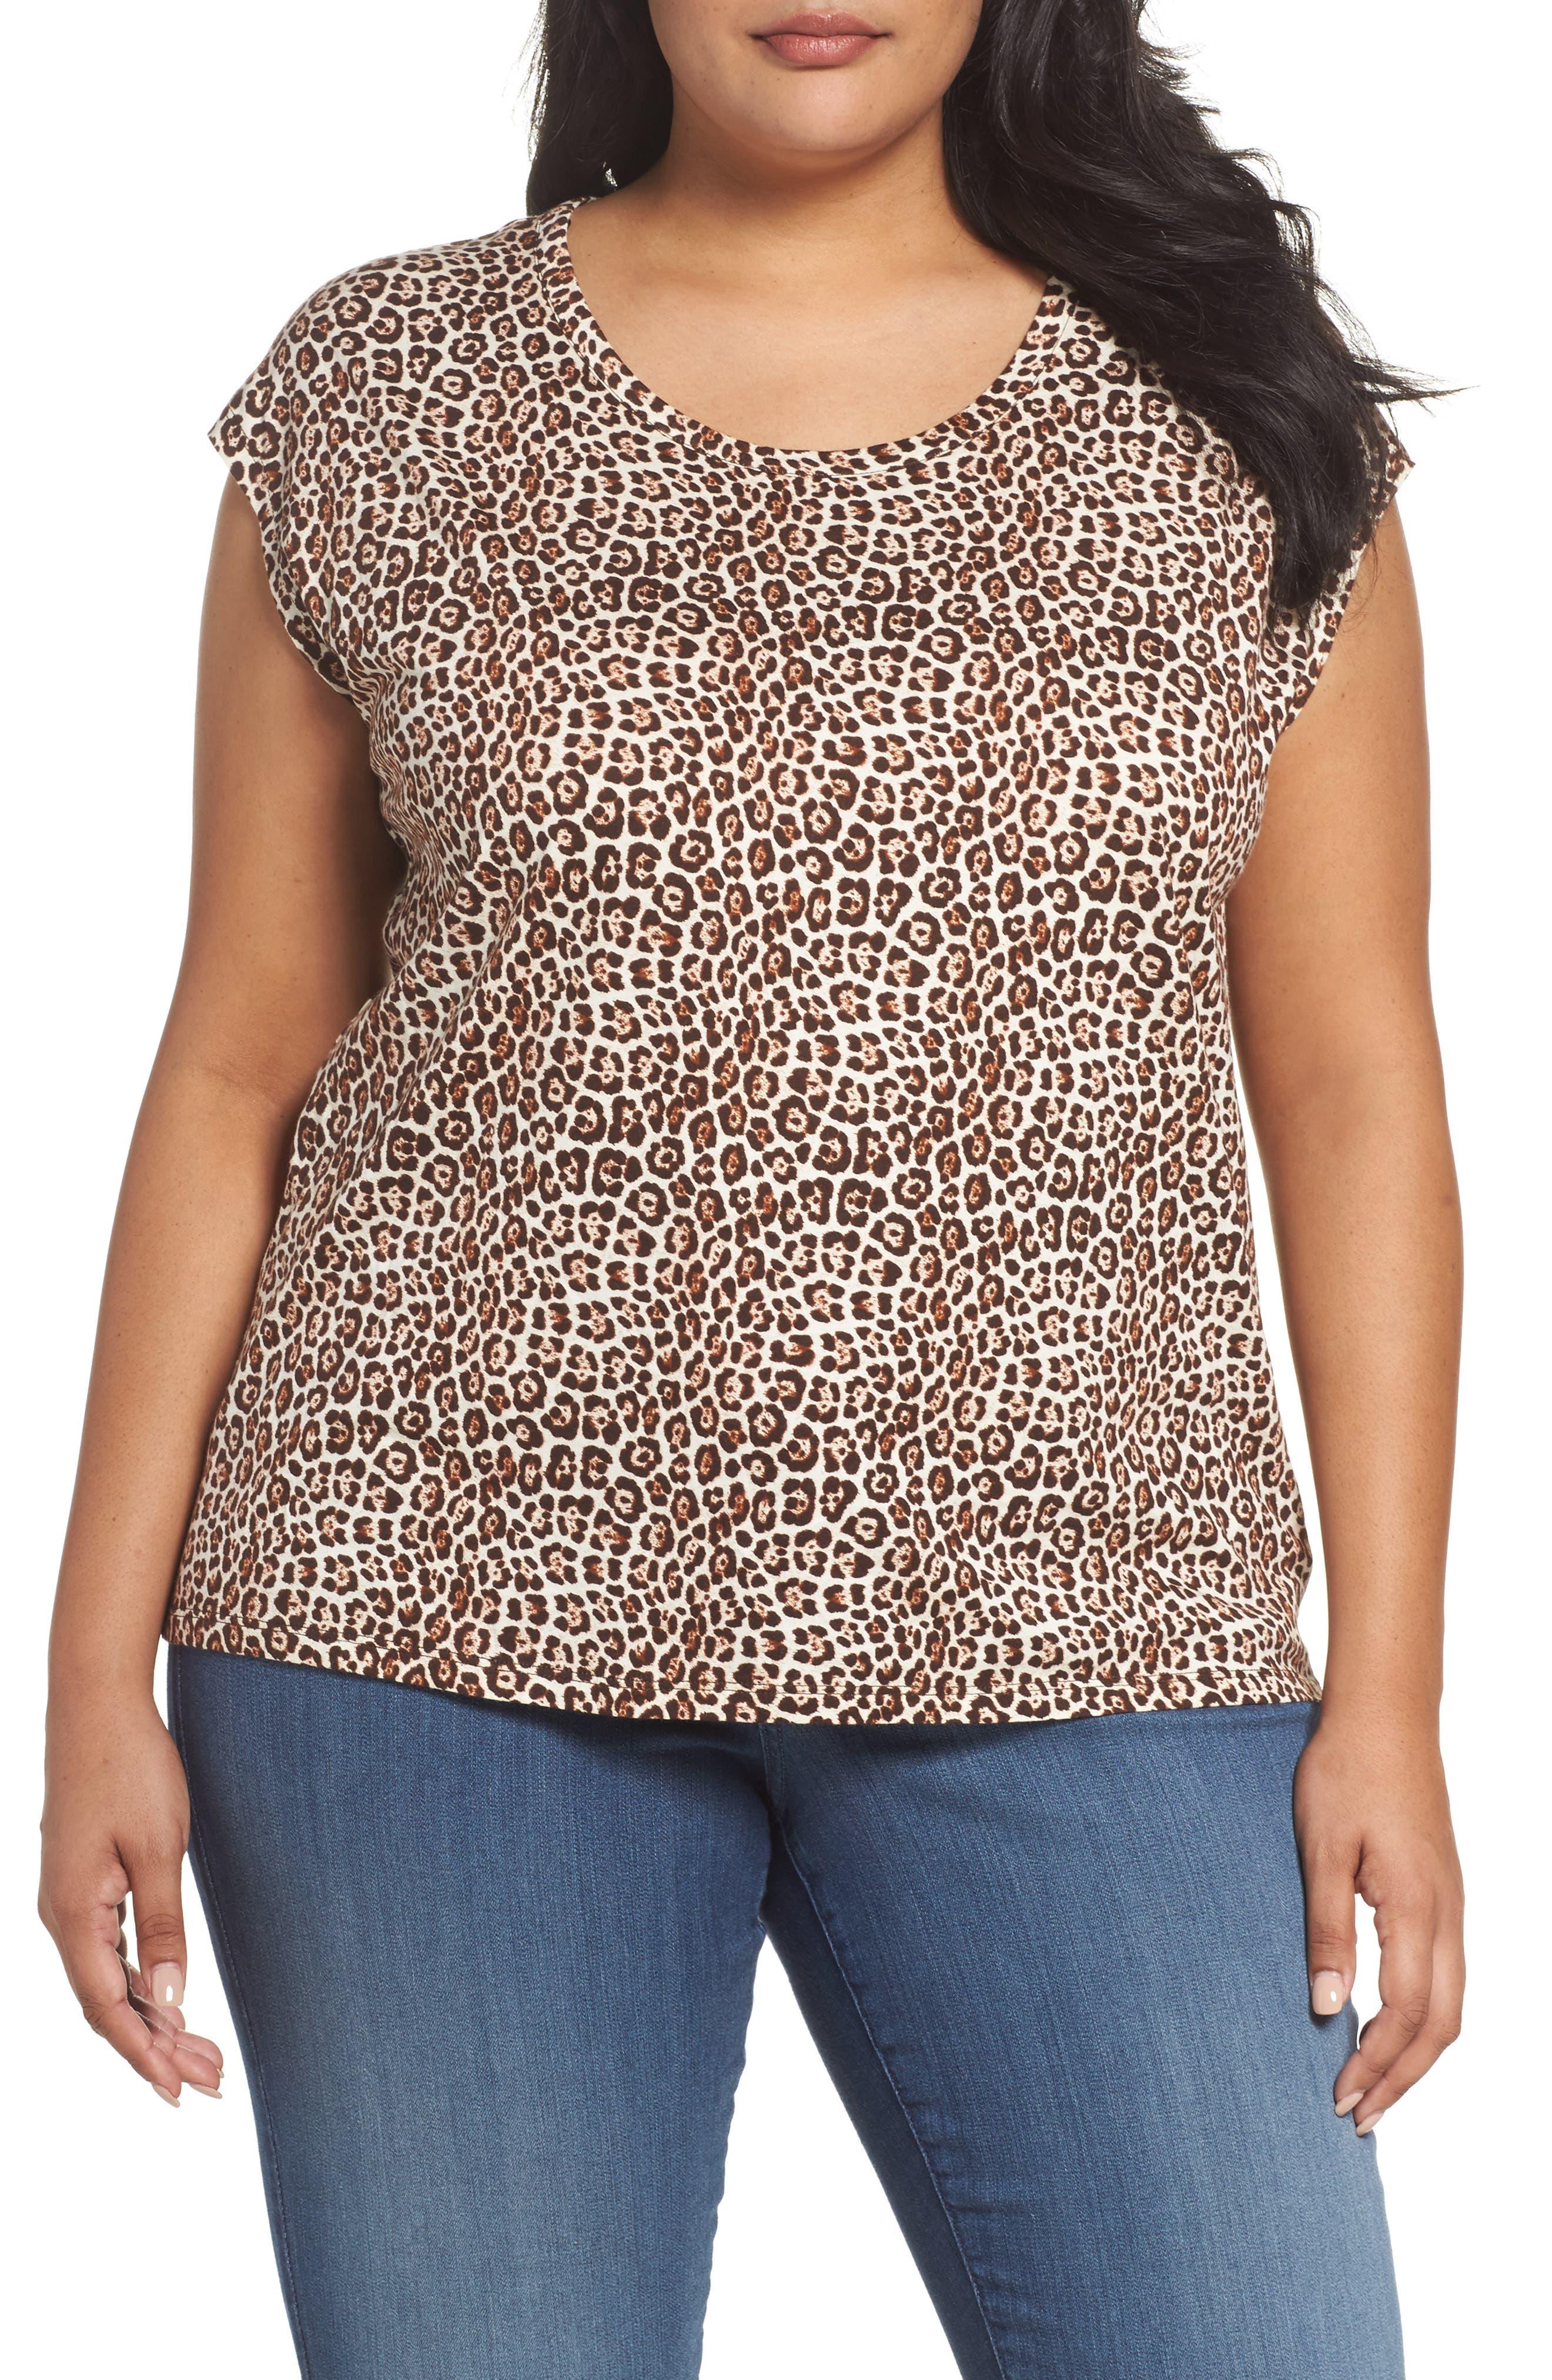 MICHAEL Michael Kors Leopard Print Elliptical Top (Plus Size)